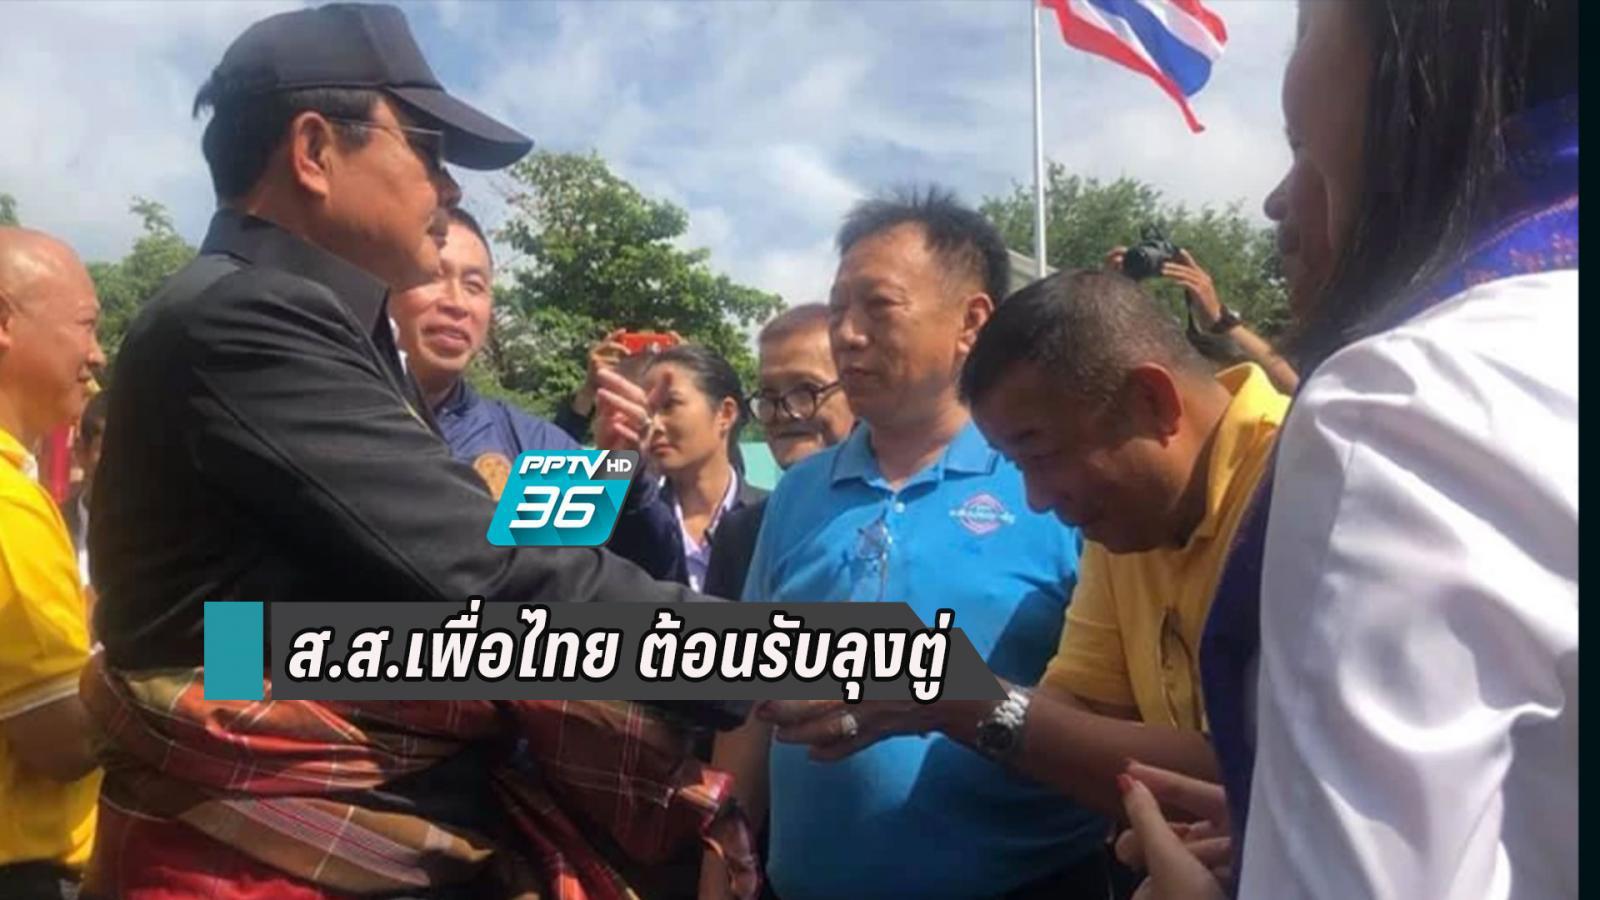 """ส.ส.เพื่อไทย ดอดต้อนรับ""""ลุงตู่"""" ลงพื้นที่สุรินทร์ ลั่น ยกมือให้ล้านเปอร์เซ็นต์ ขออย่ายุบสภา"""